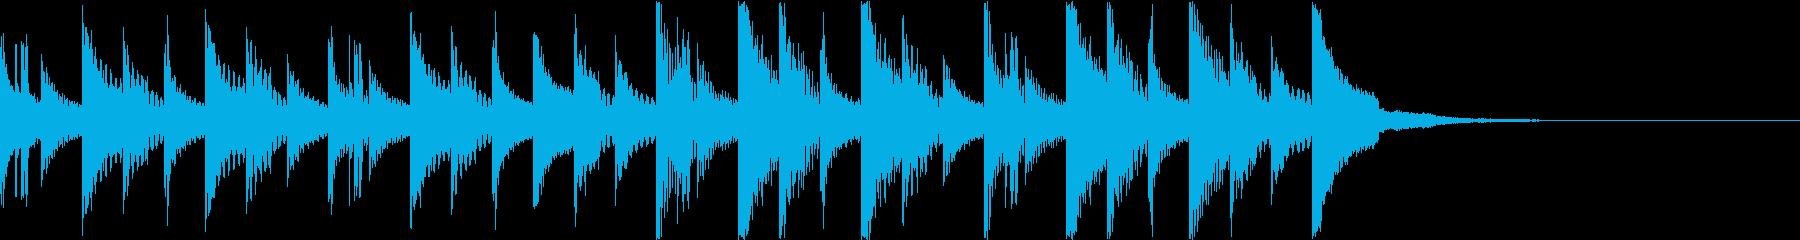 機械仕掛けのような木琴のジングルの再生済みの波形